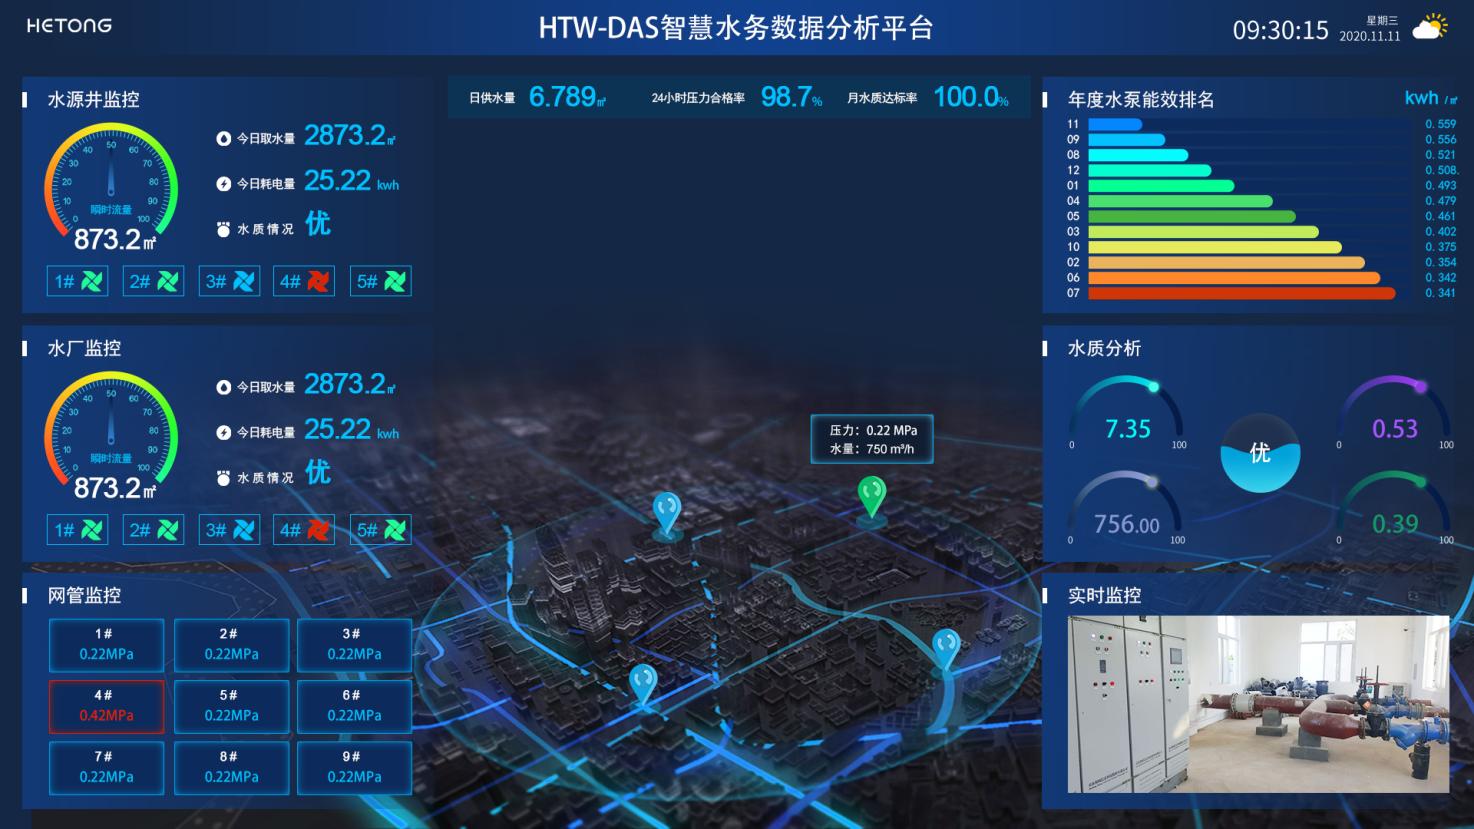 HTW-DAS智慧水务数据分析系统